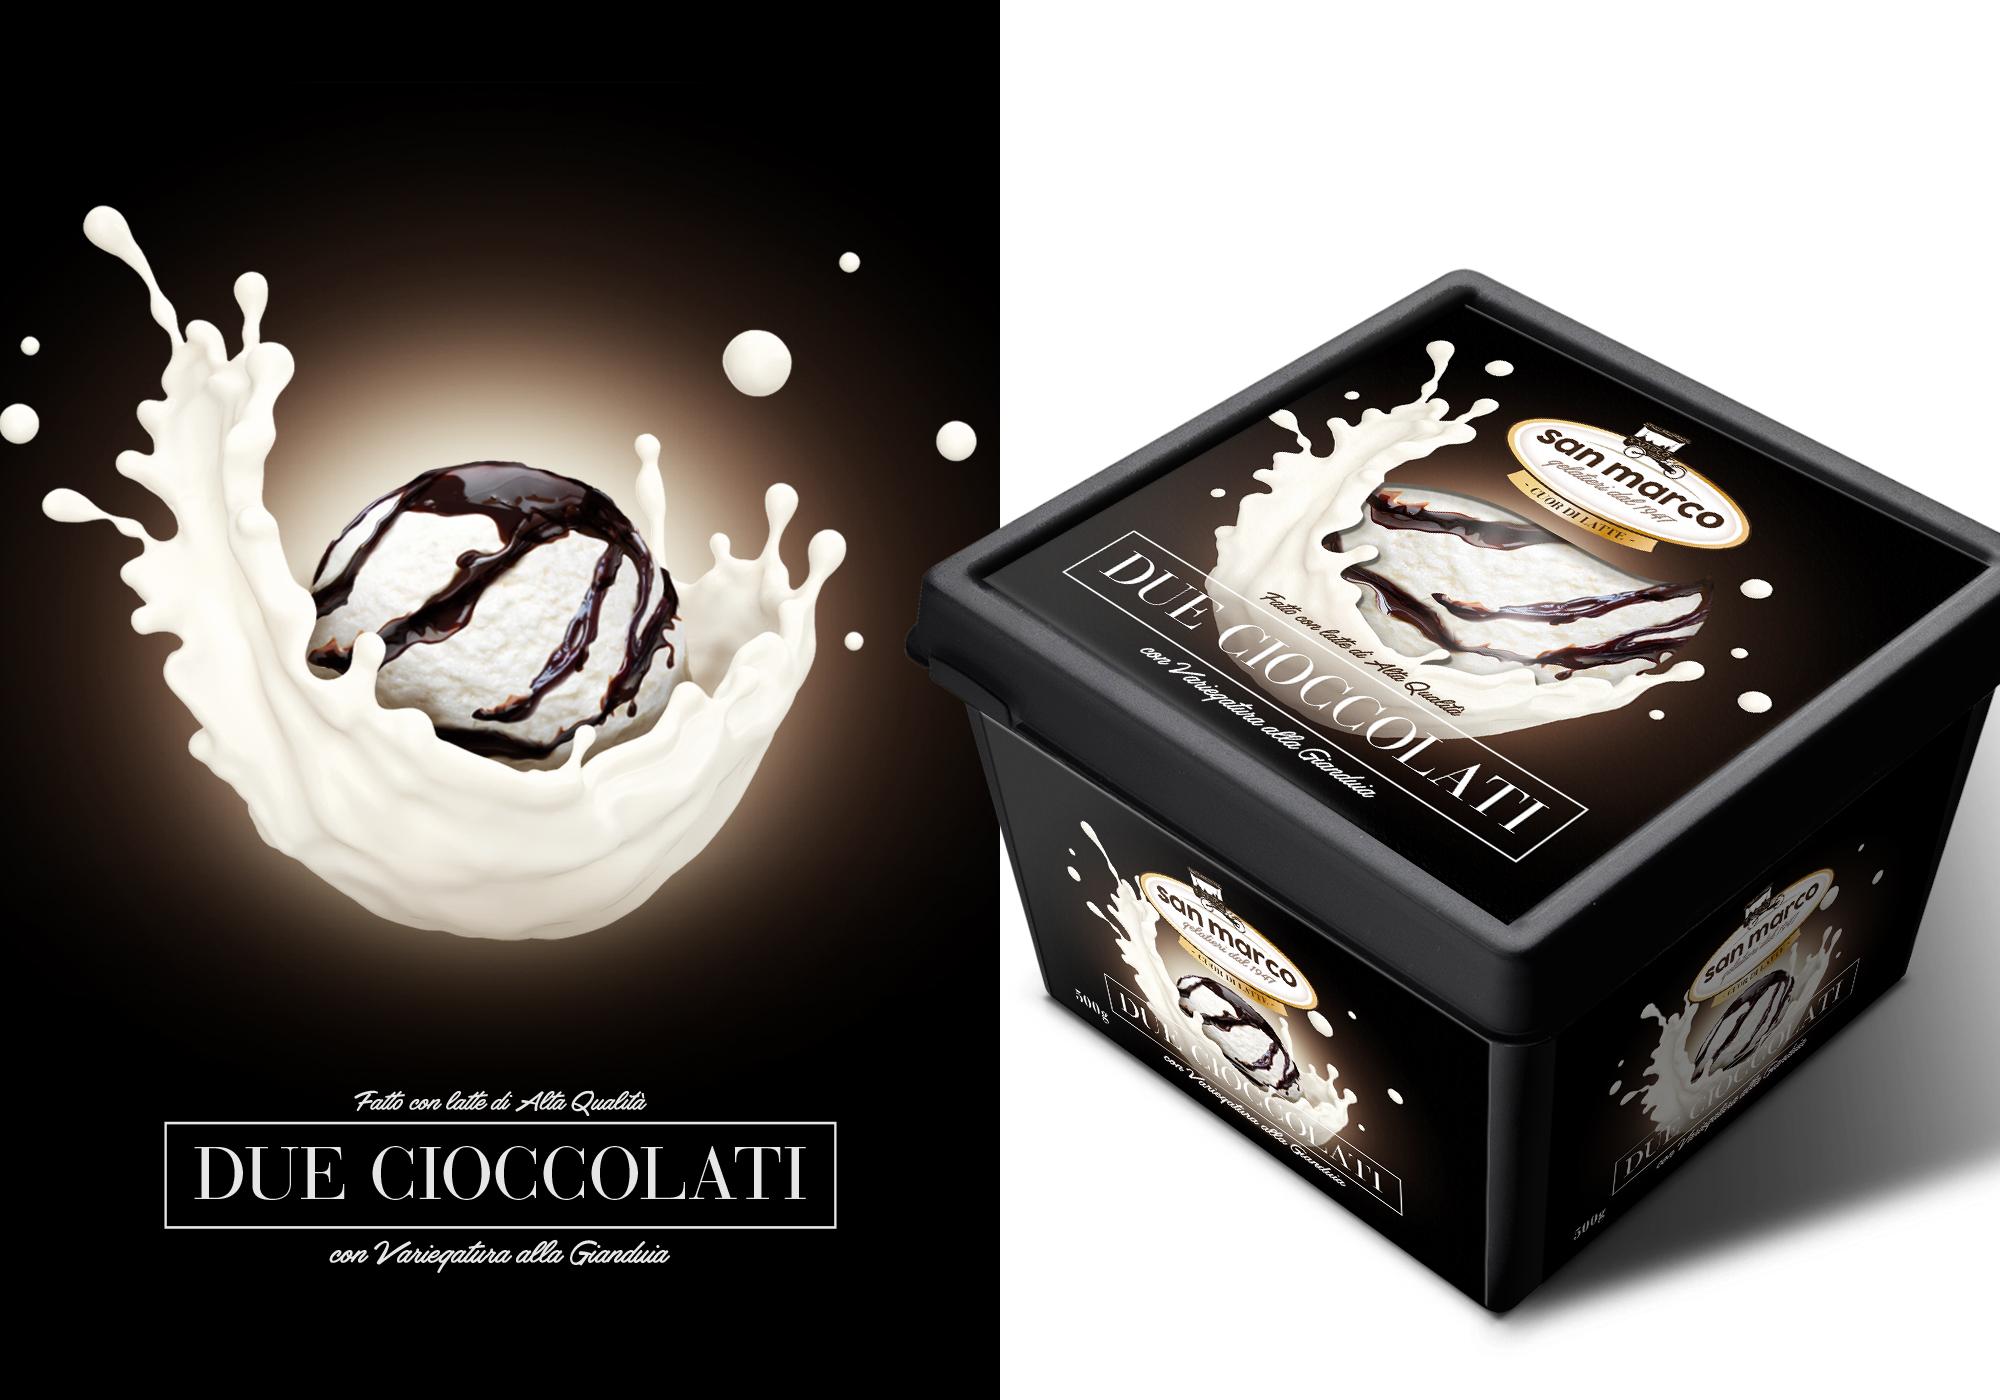 san marco cuor di latte – Due Cioccolati